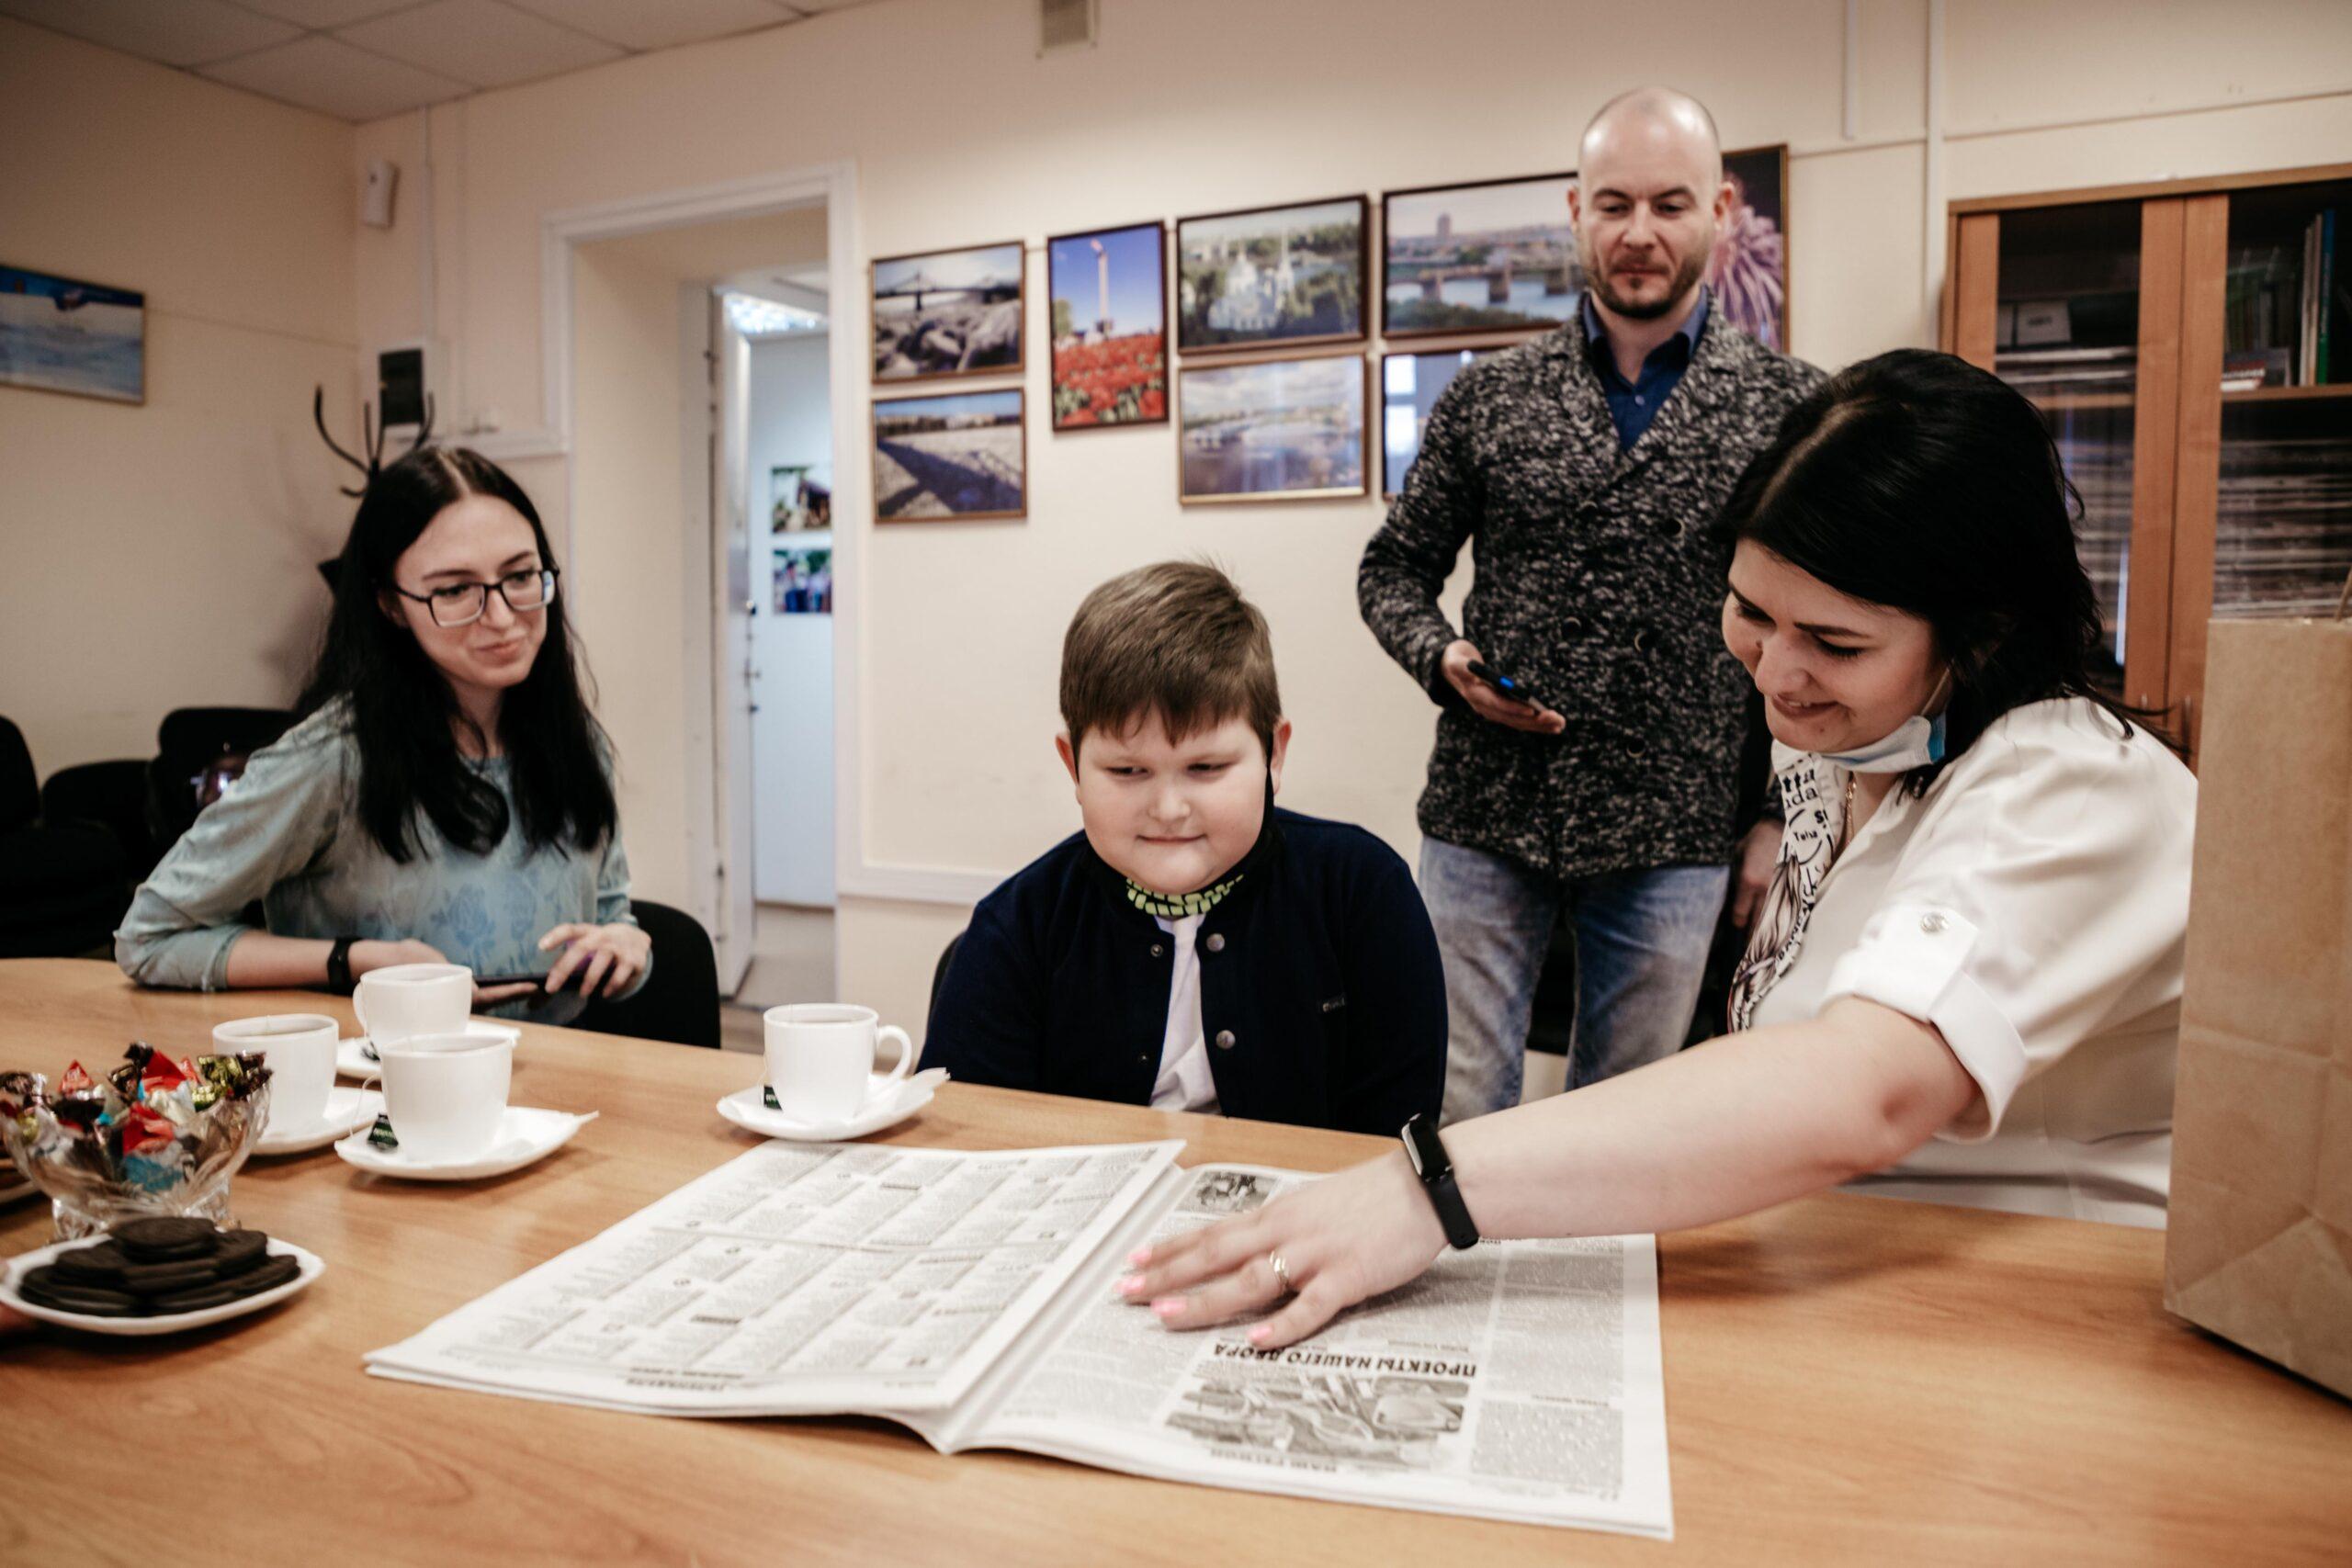 Космический мальчик: победитель конкурса к Дню космонавтики получил призы от РИА Верхневолжье